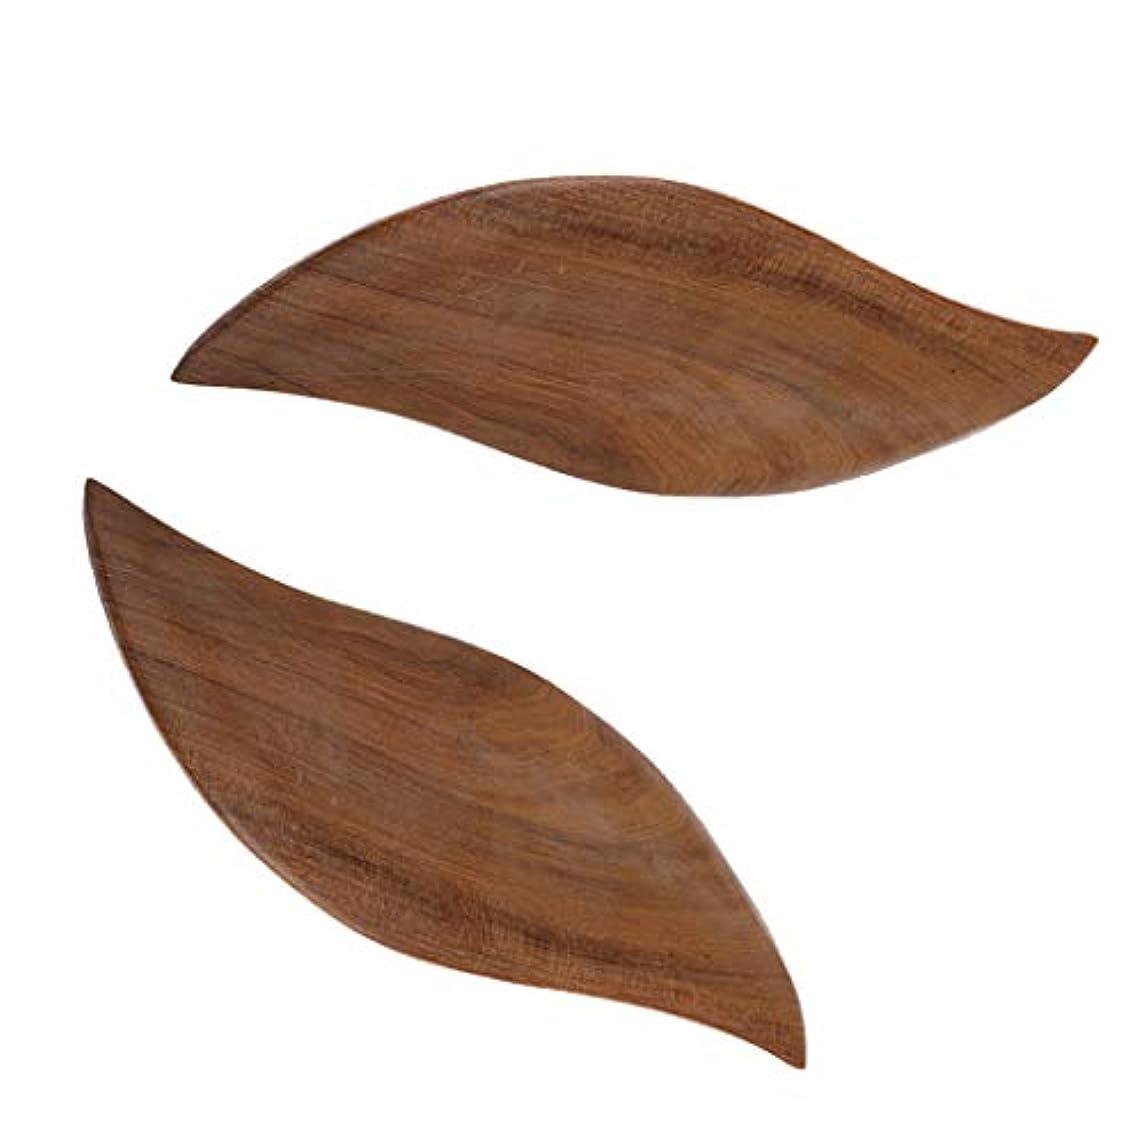 リーン正統派サポート2枚 かっさプレート 木製 ボード ボディーケア マッサージ マッサージャー